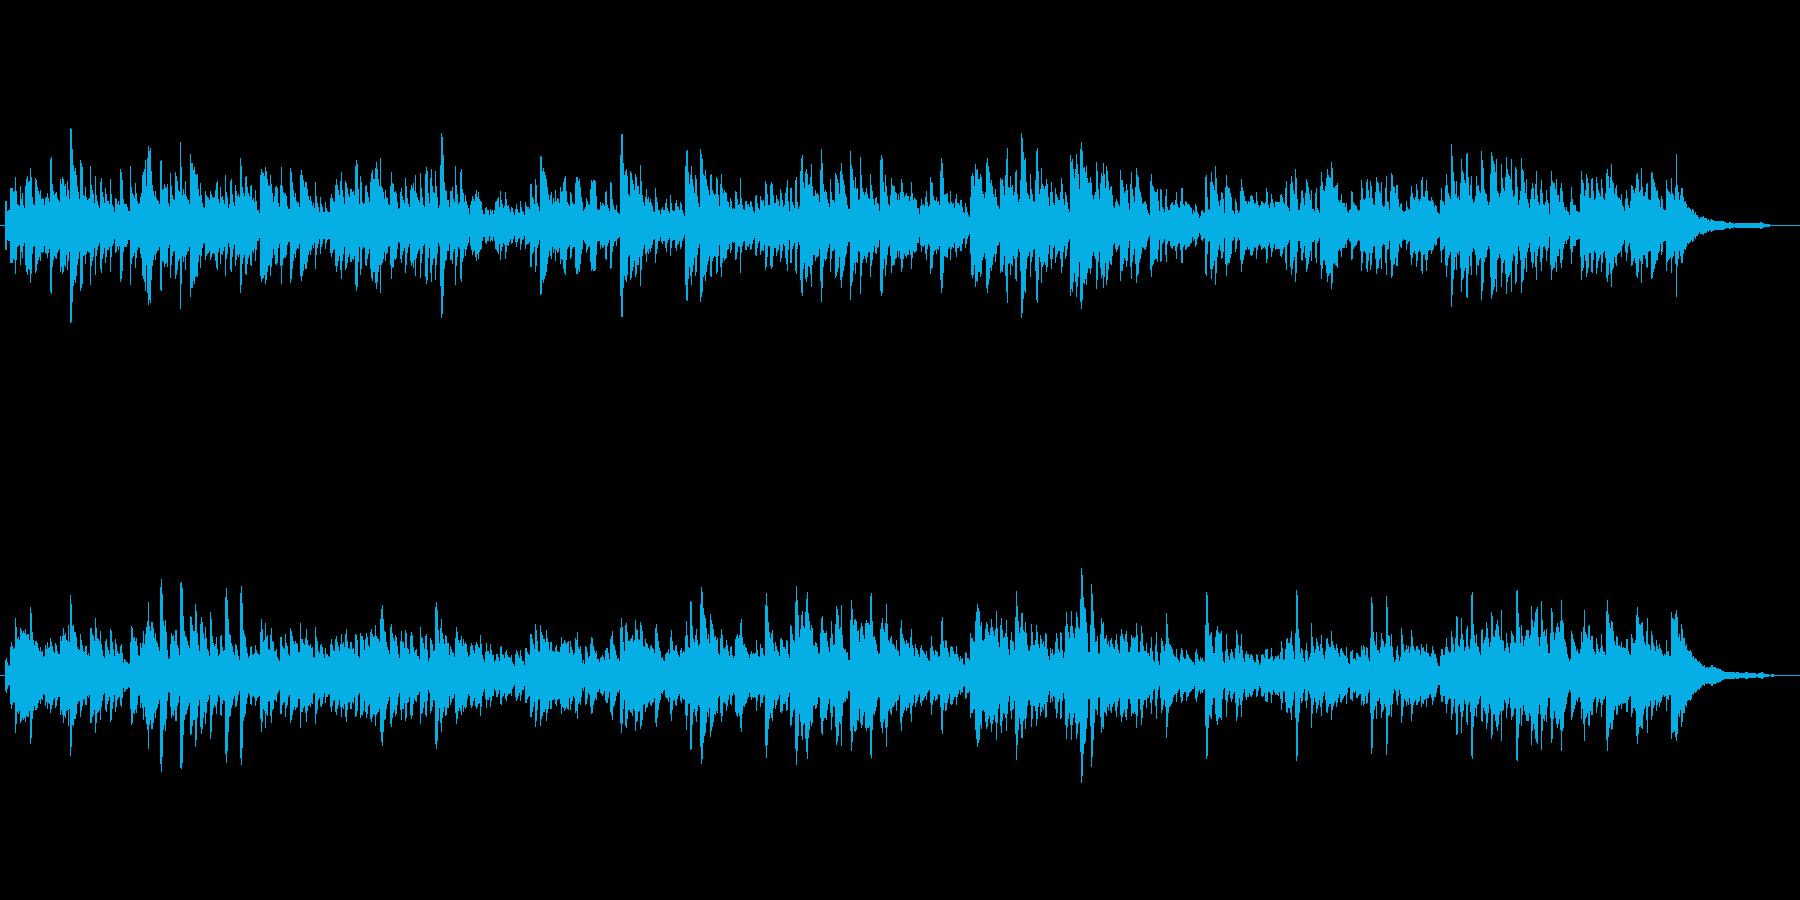 バッハ作のバロック調の曲の再生済みの波形